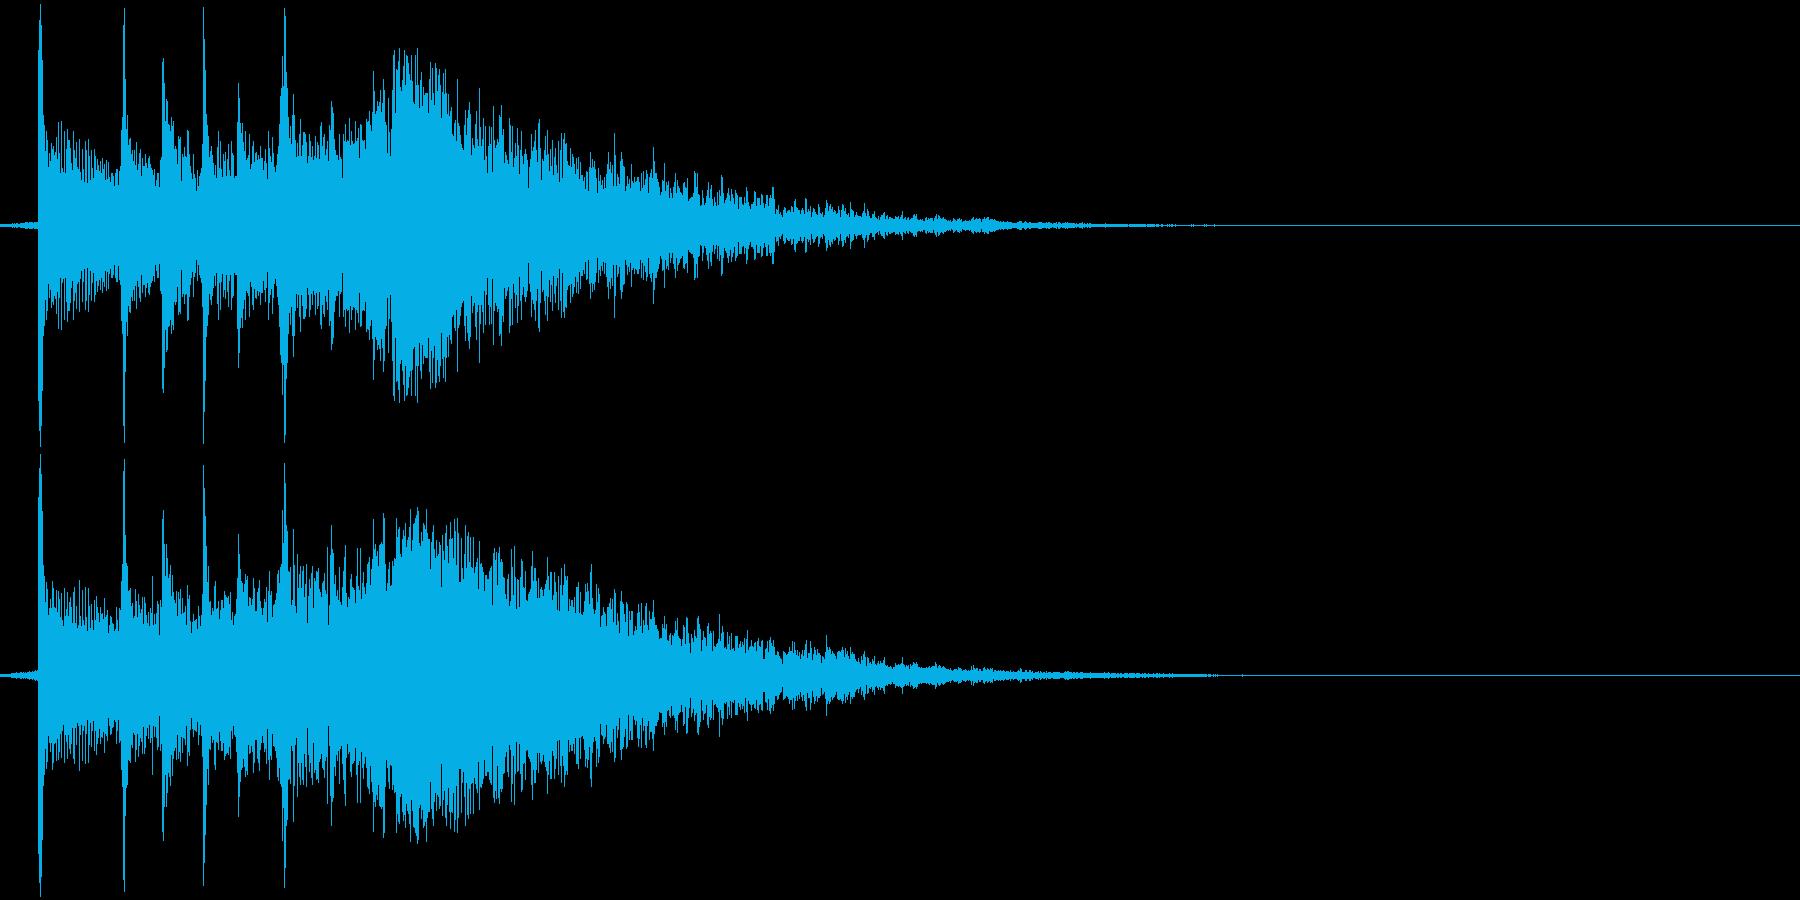 三味線と鈴の音の渋いジングルの再生済みの波形